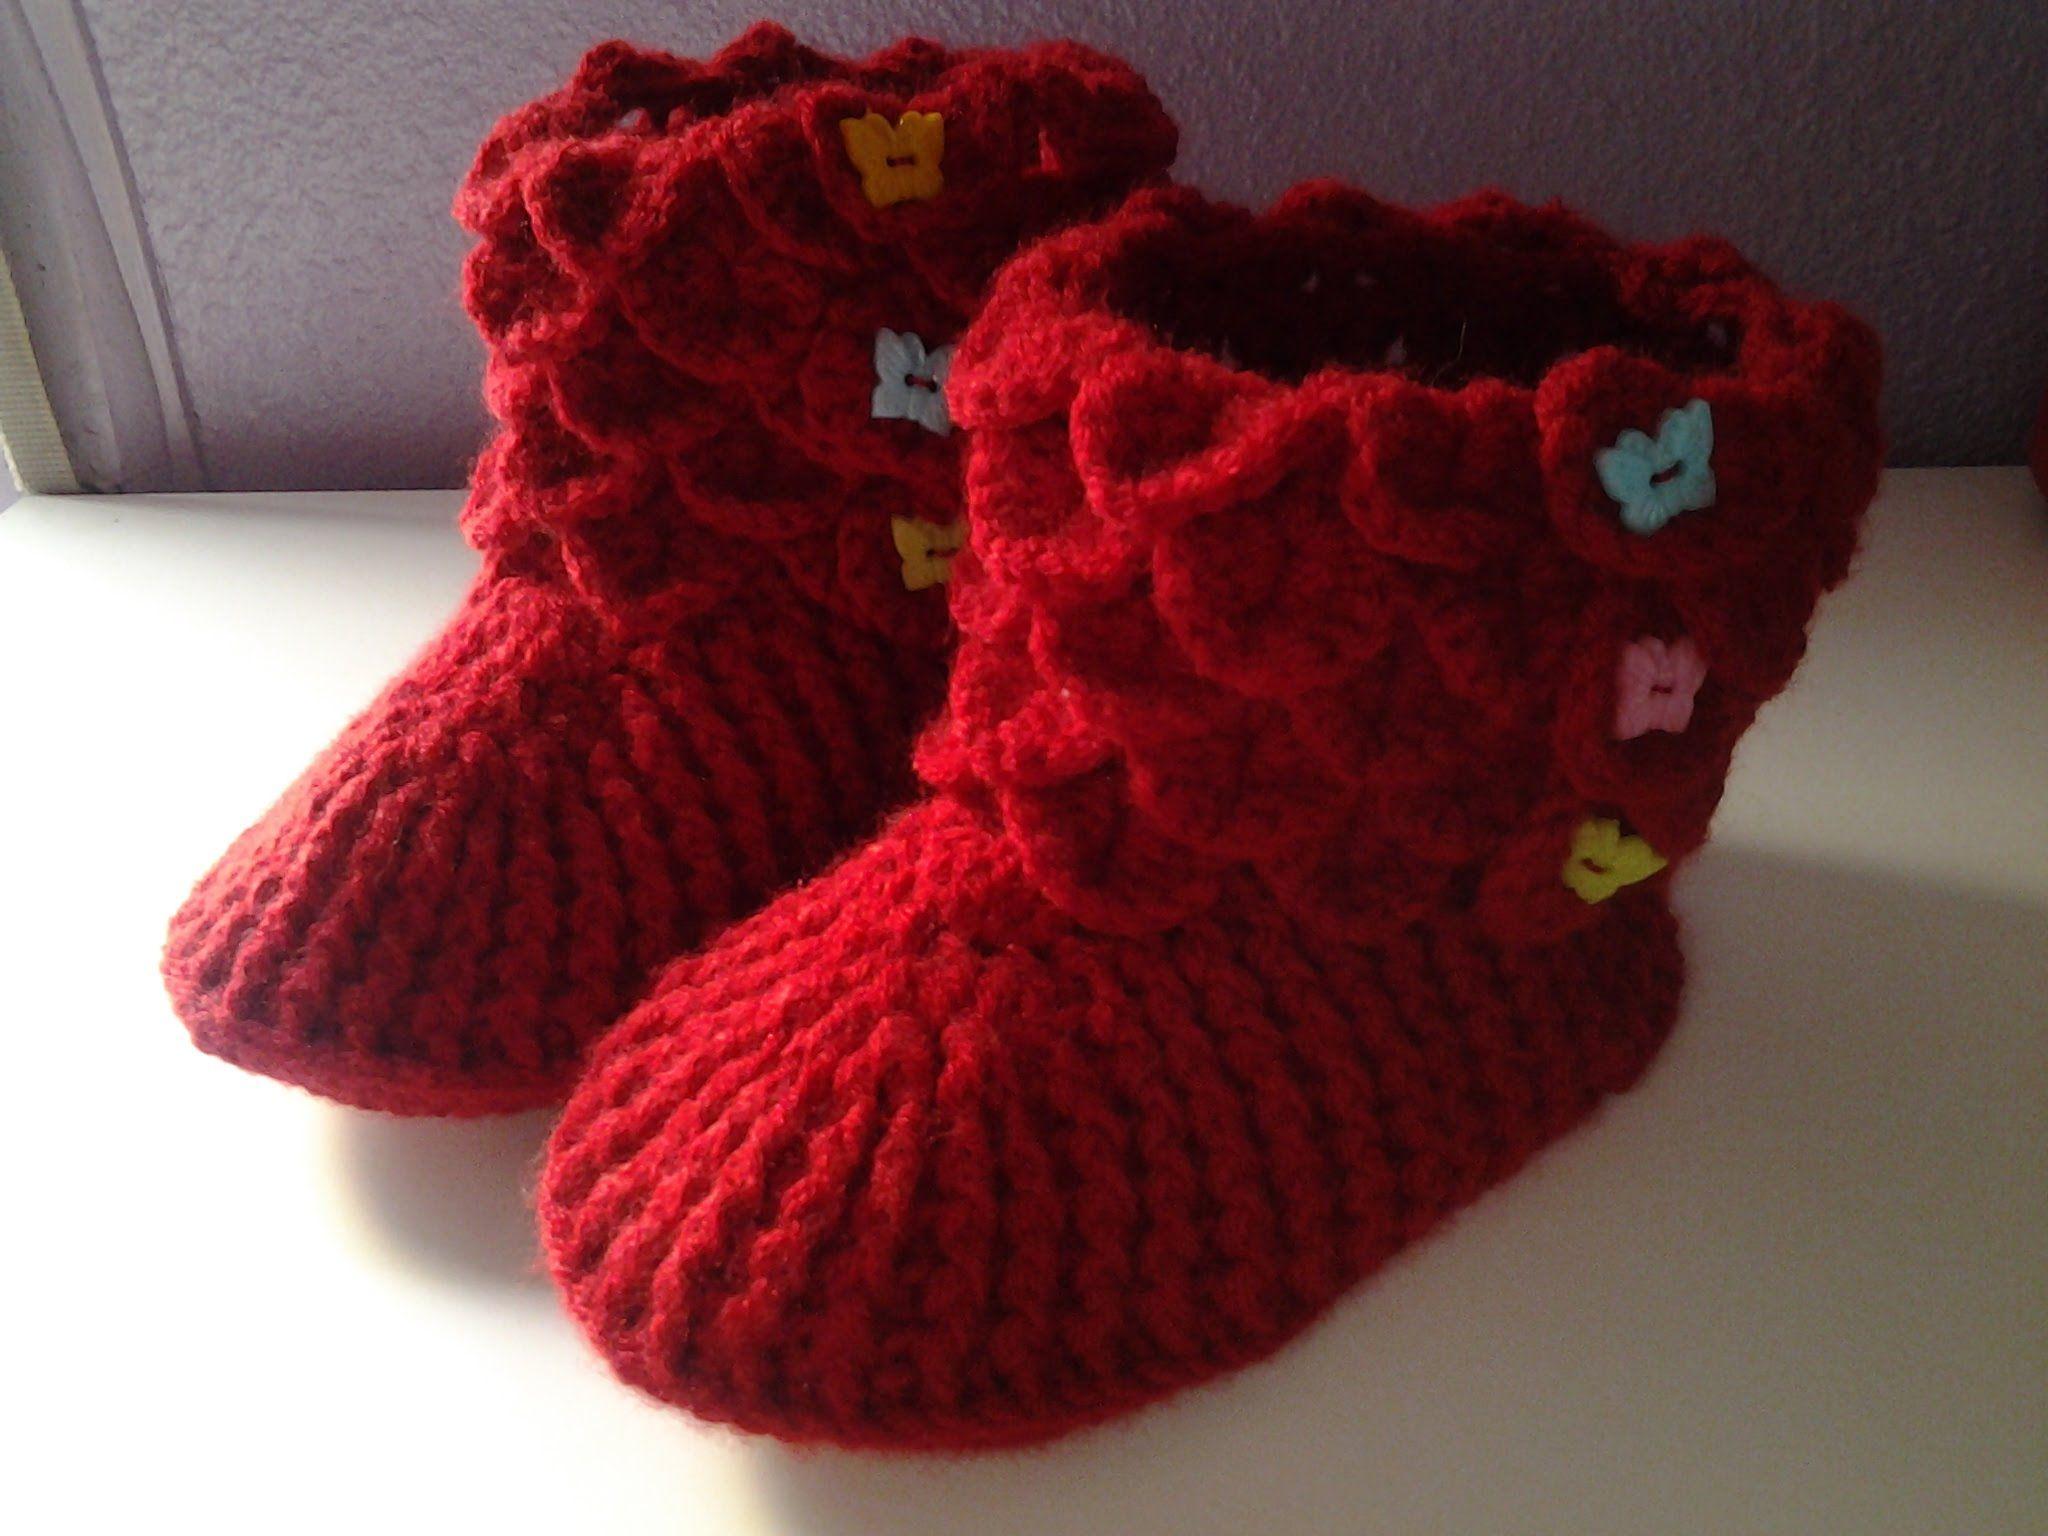 Botines cocodrilo a crochet (ganchillo) 1 # tutorial DIY ...